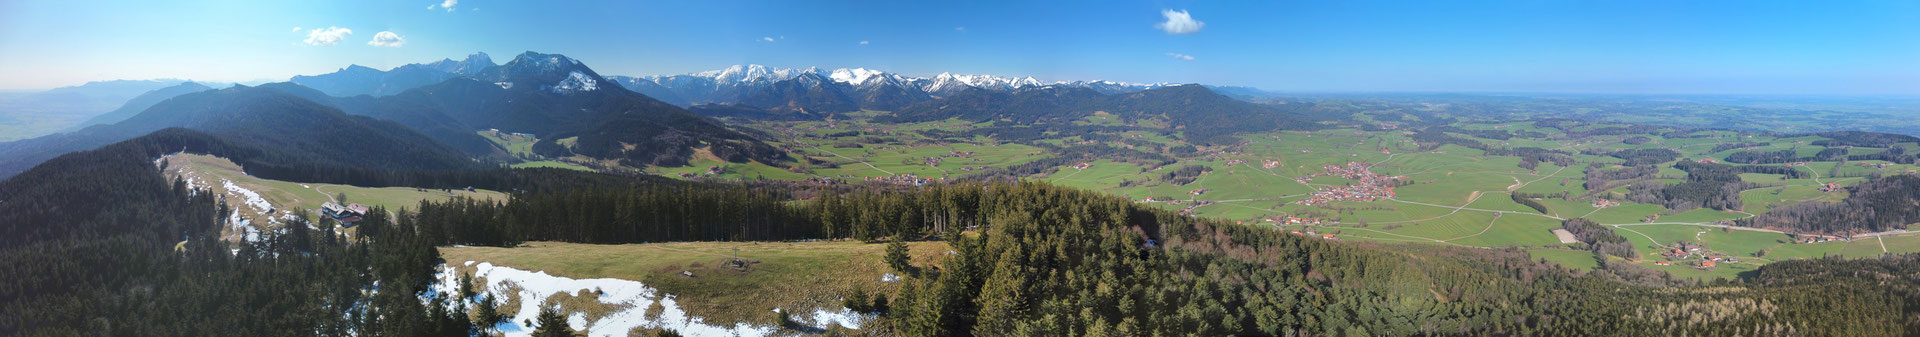 Panorama - Drohnenfoto - Landschaft - Bayern - Berge - Alpen - Winter - Ausflug - Wanderung - Gipfel - Gipfelkreuz - Chiemgau - Schwarzenberg